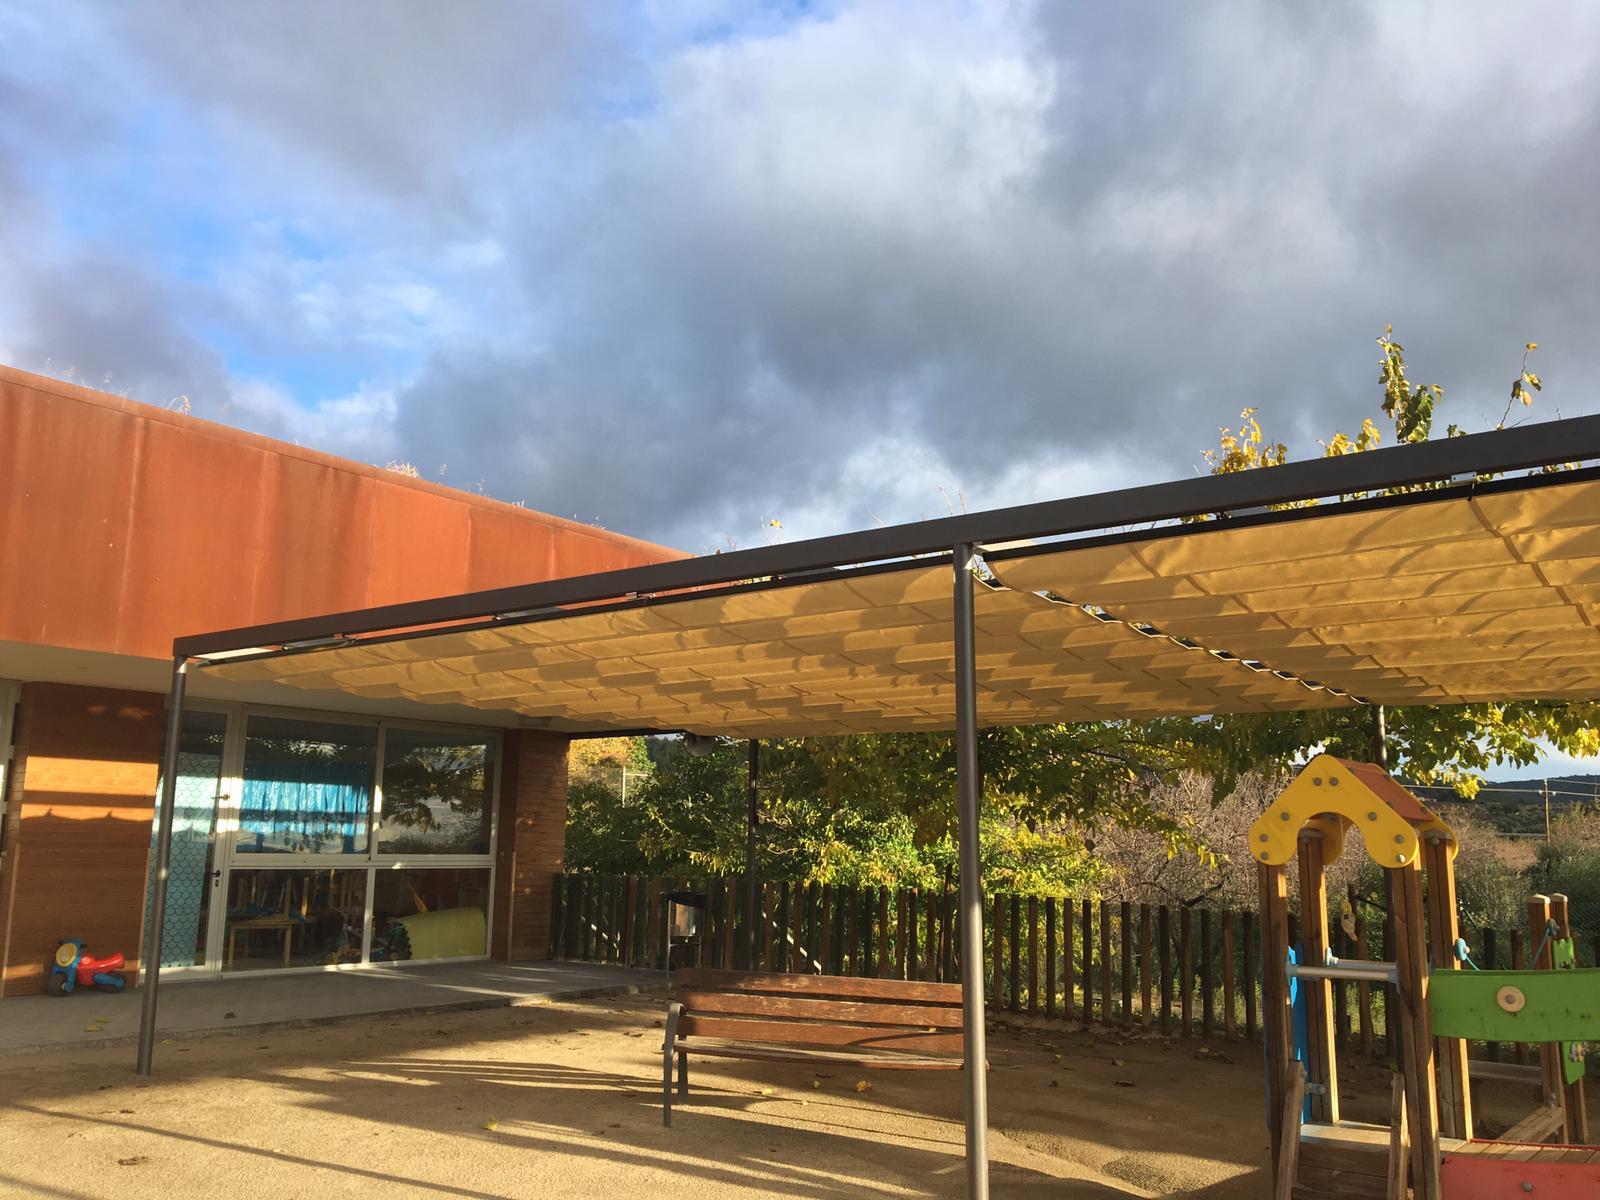 La Regidoria d'Educació ha instal·lat un tendal al pati de la Llar d'infants